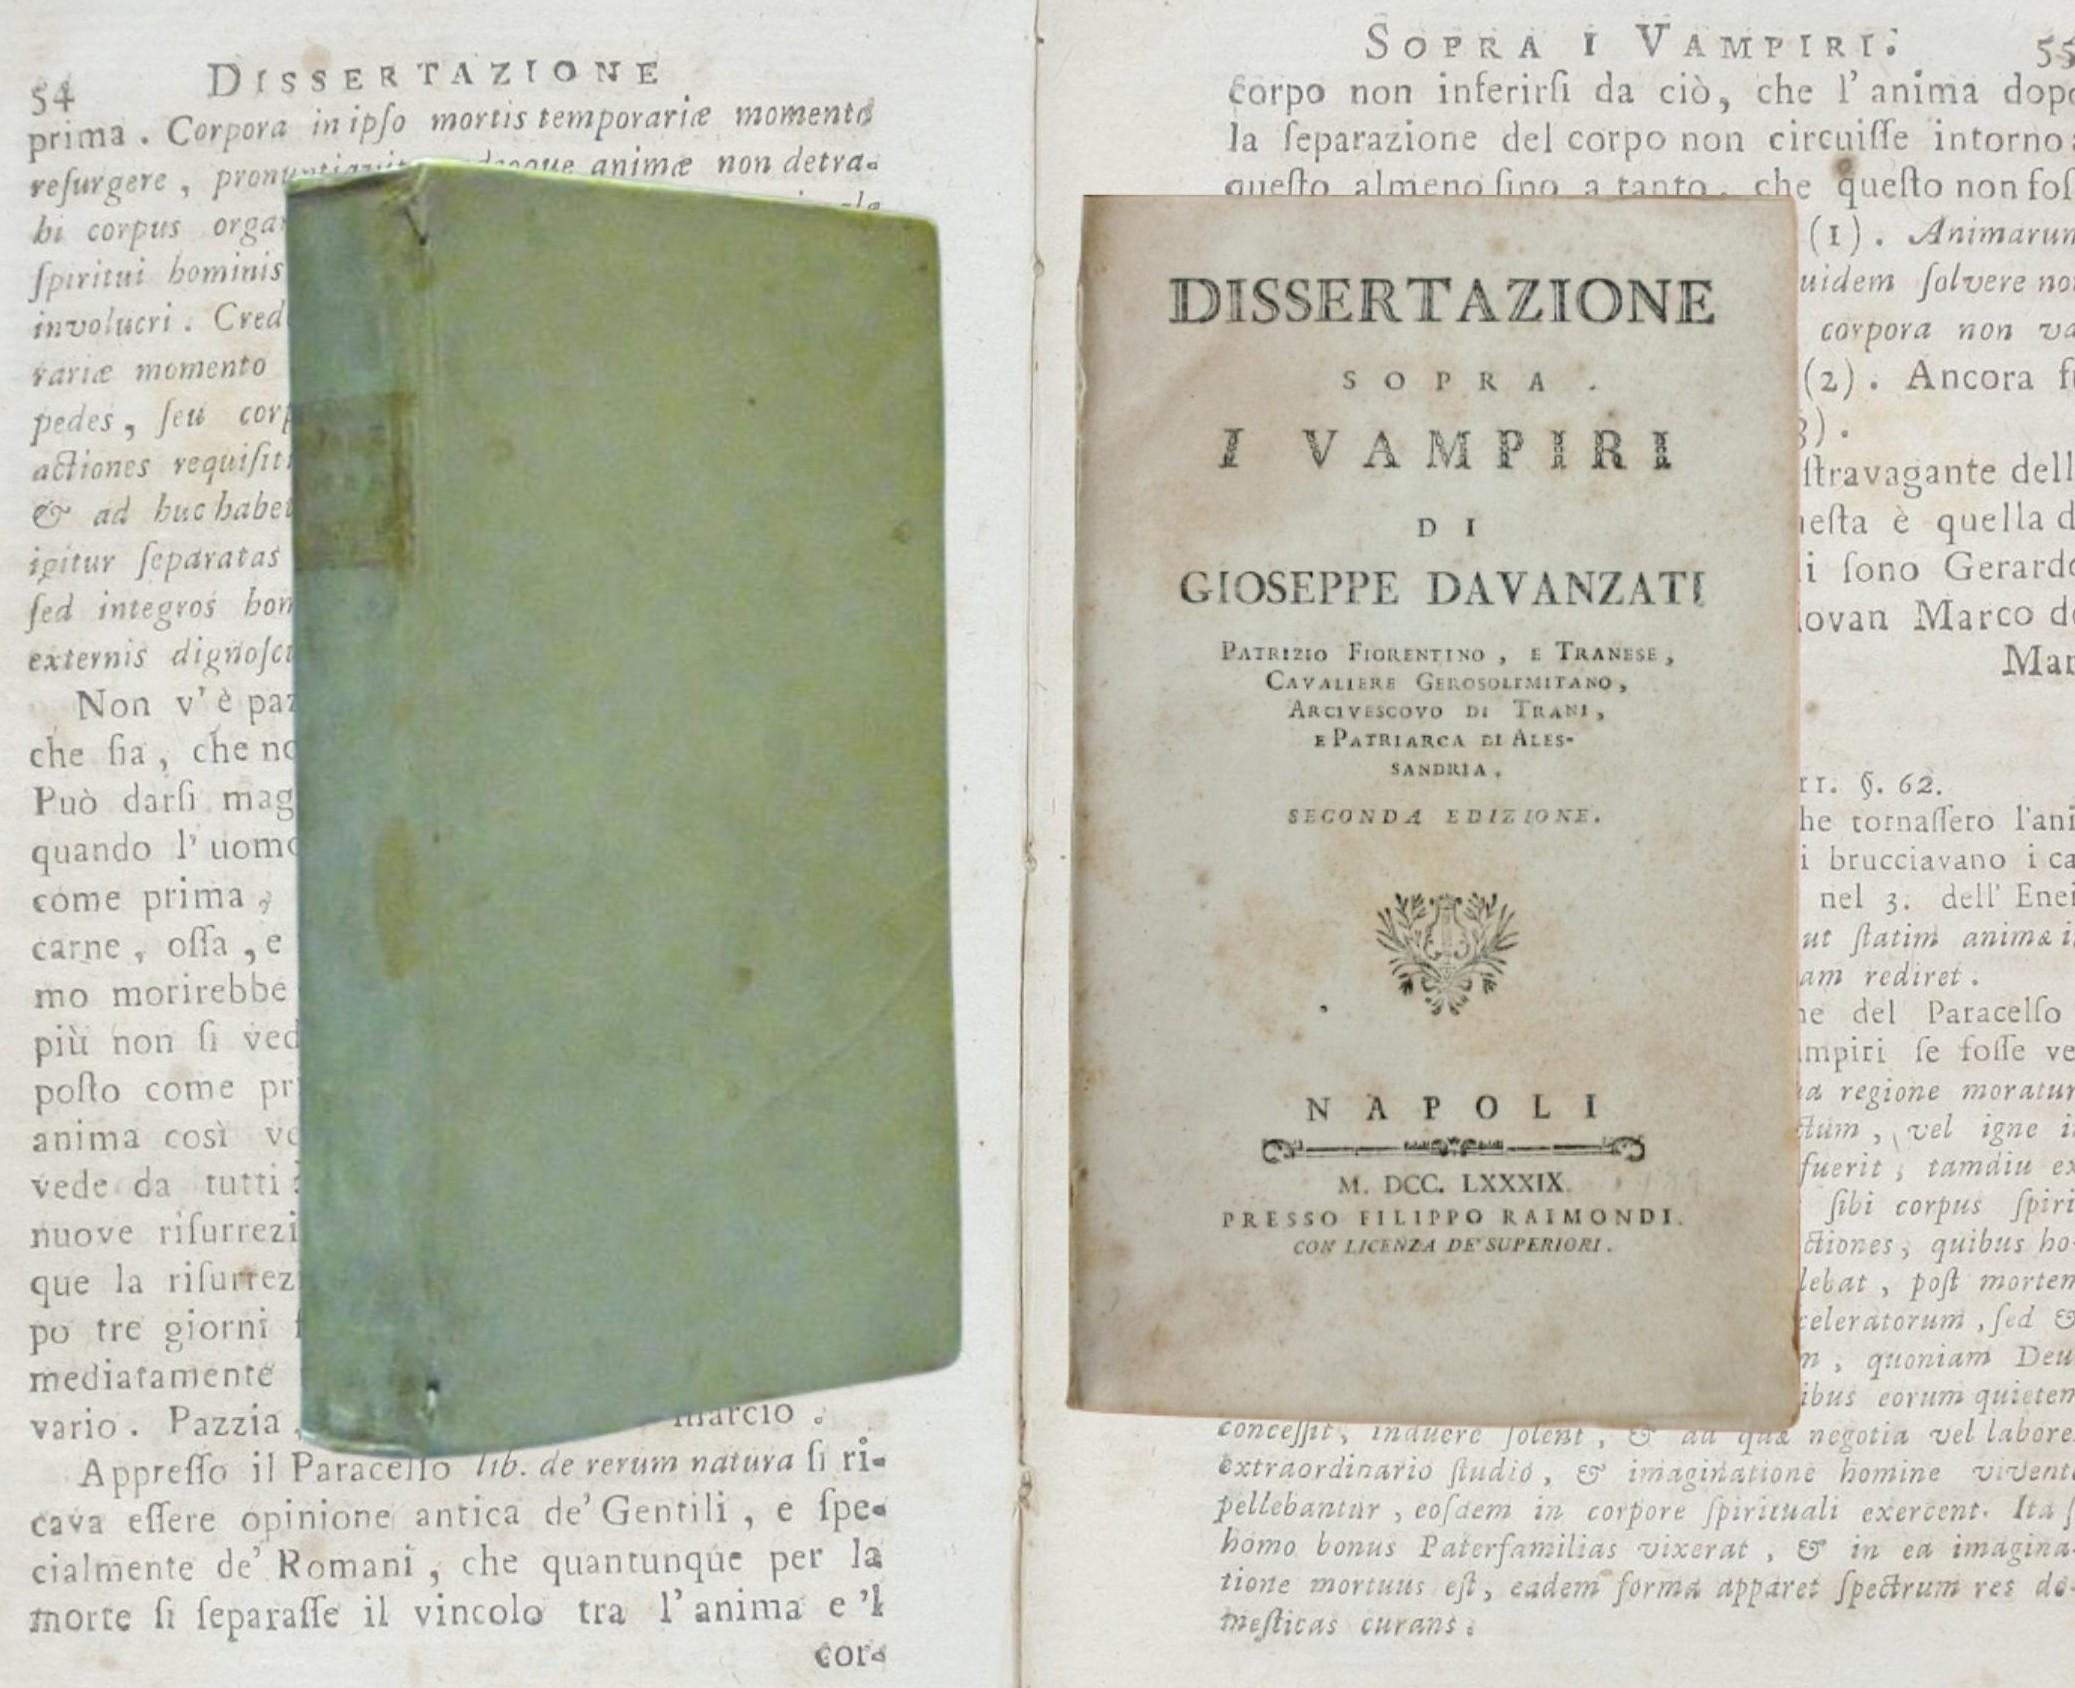 """""""Dissertazione sopra i vampiri"""" di Giuseppe Davanzati (P. Raimondi, 1789): la copia appartenuta al professor Romolo Runcini"""